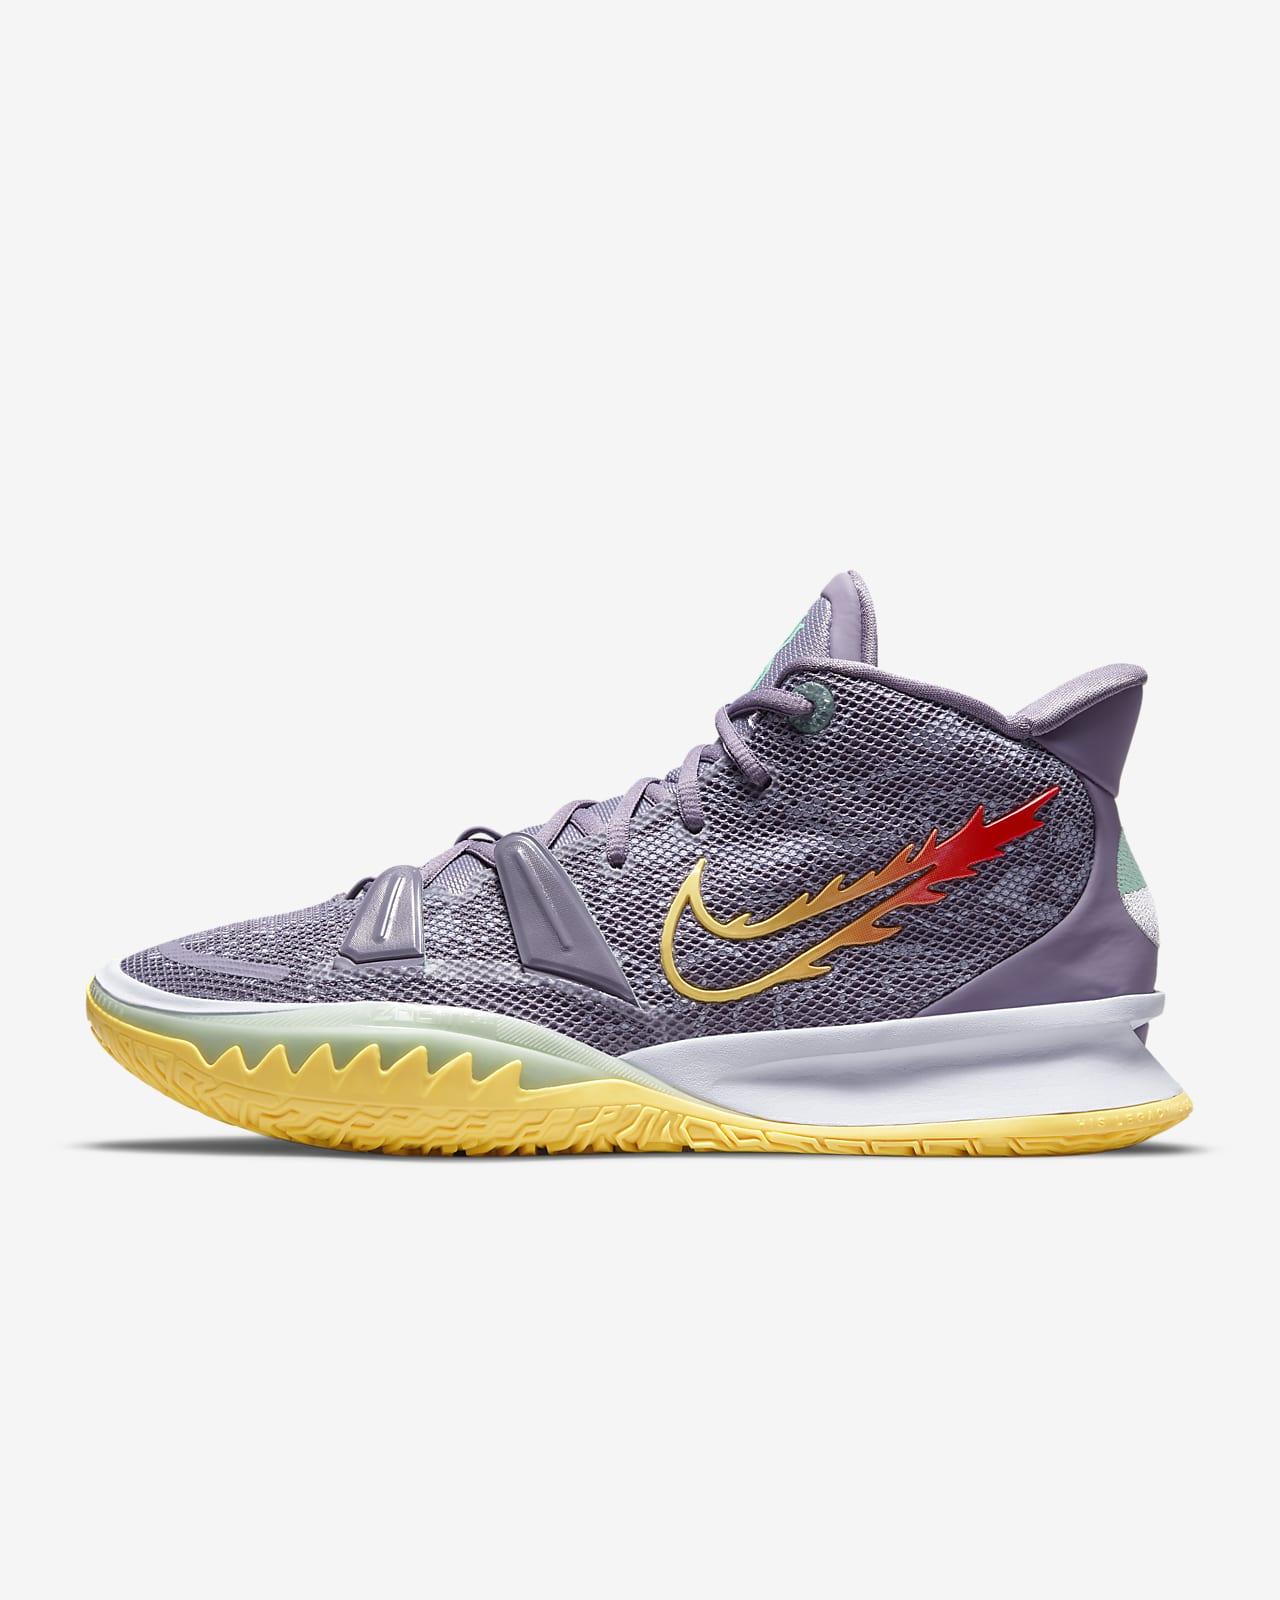 Buty do koszykówki Kyrie 7